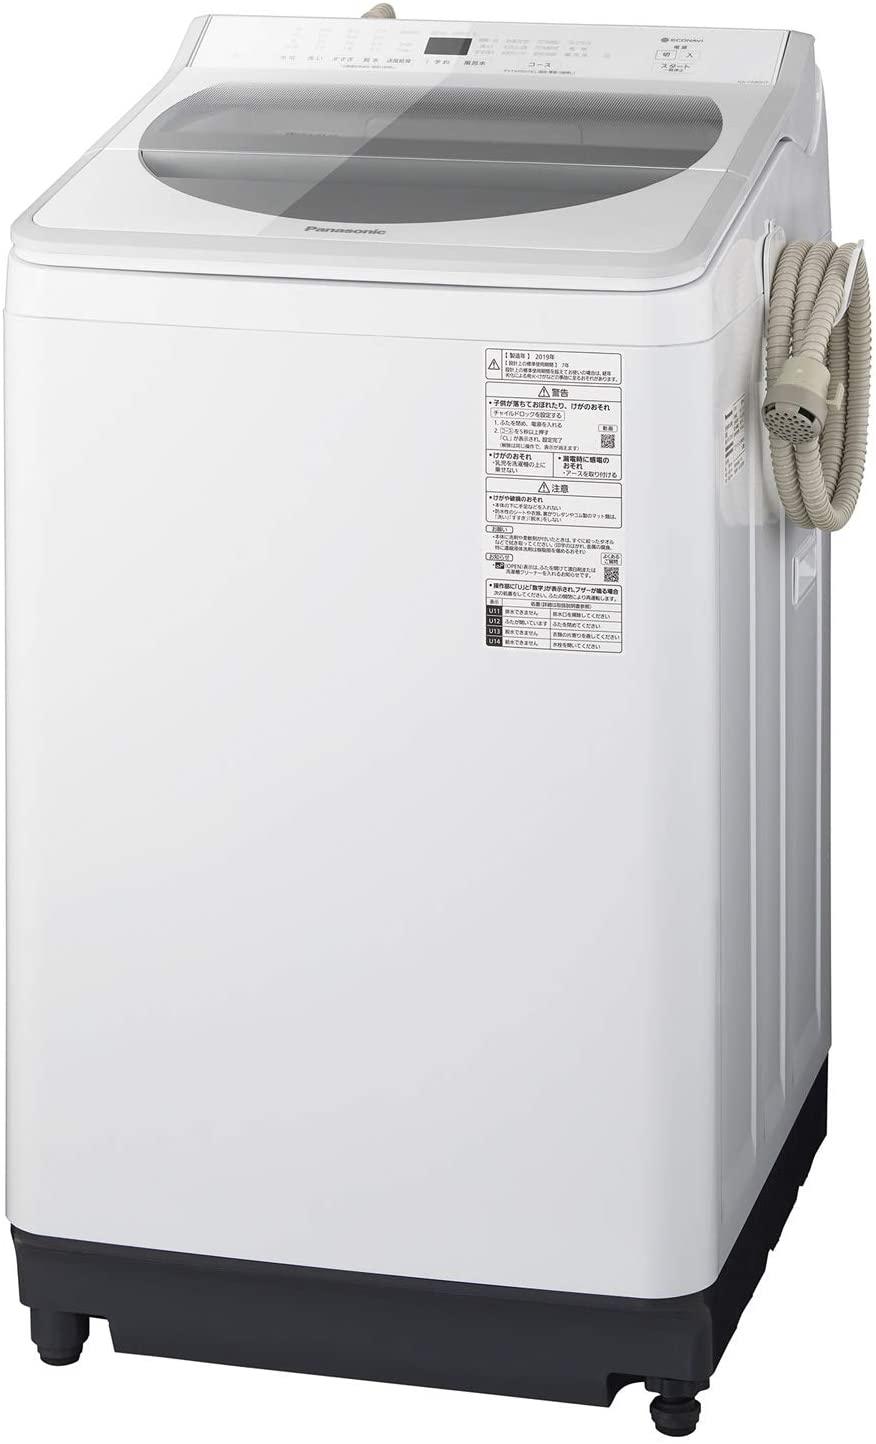 縦型の洗濯機おすすめ11選!乾燥機能付きも【2020年版】